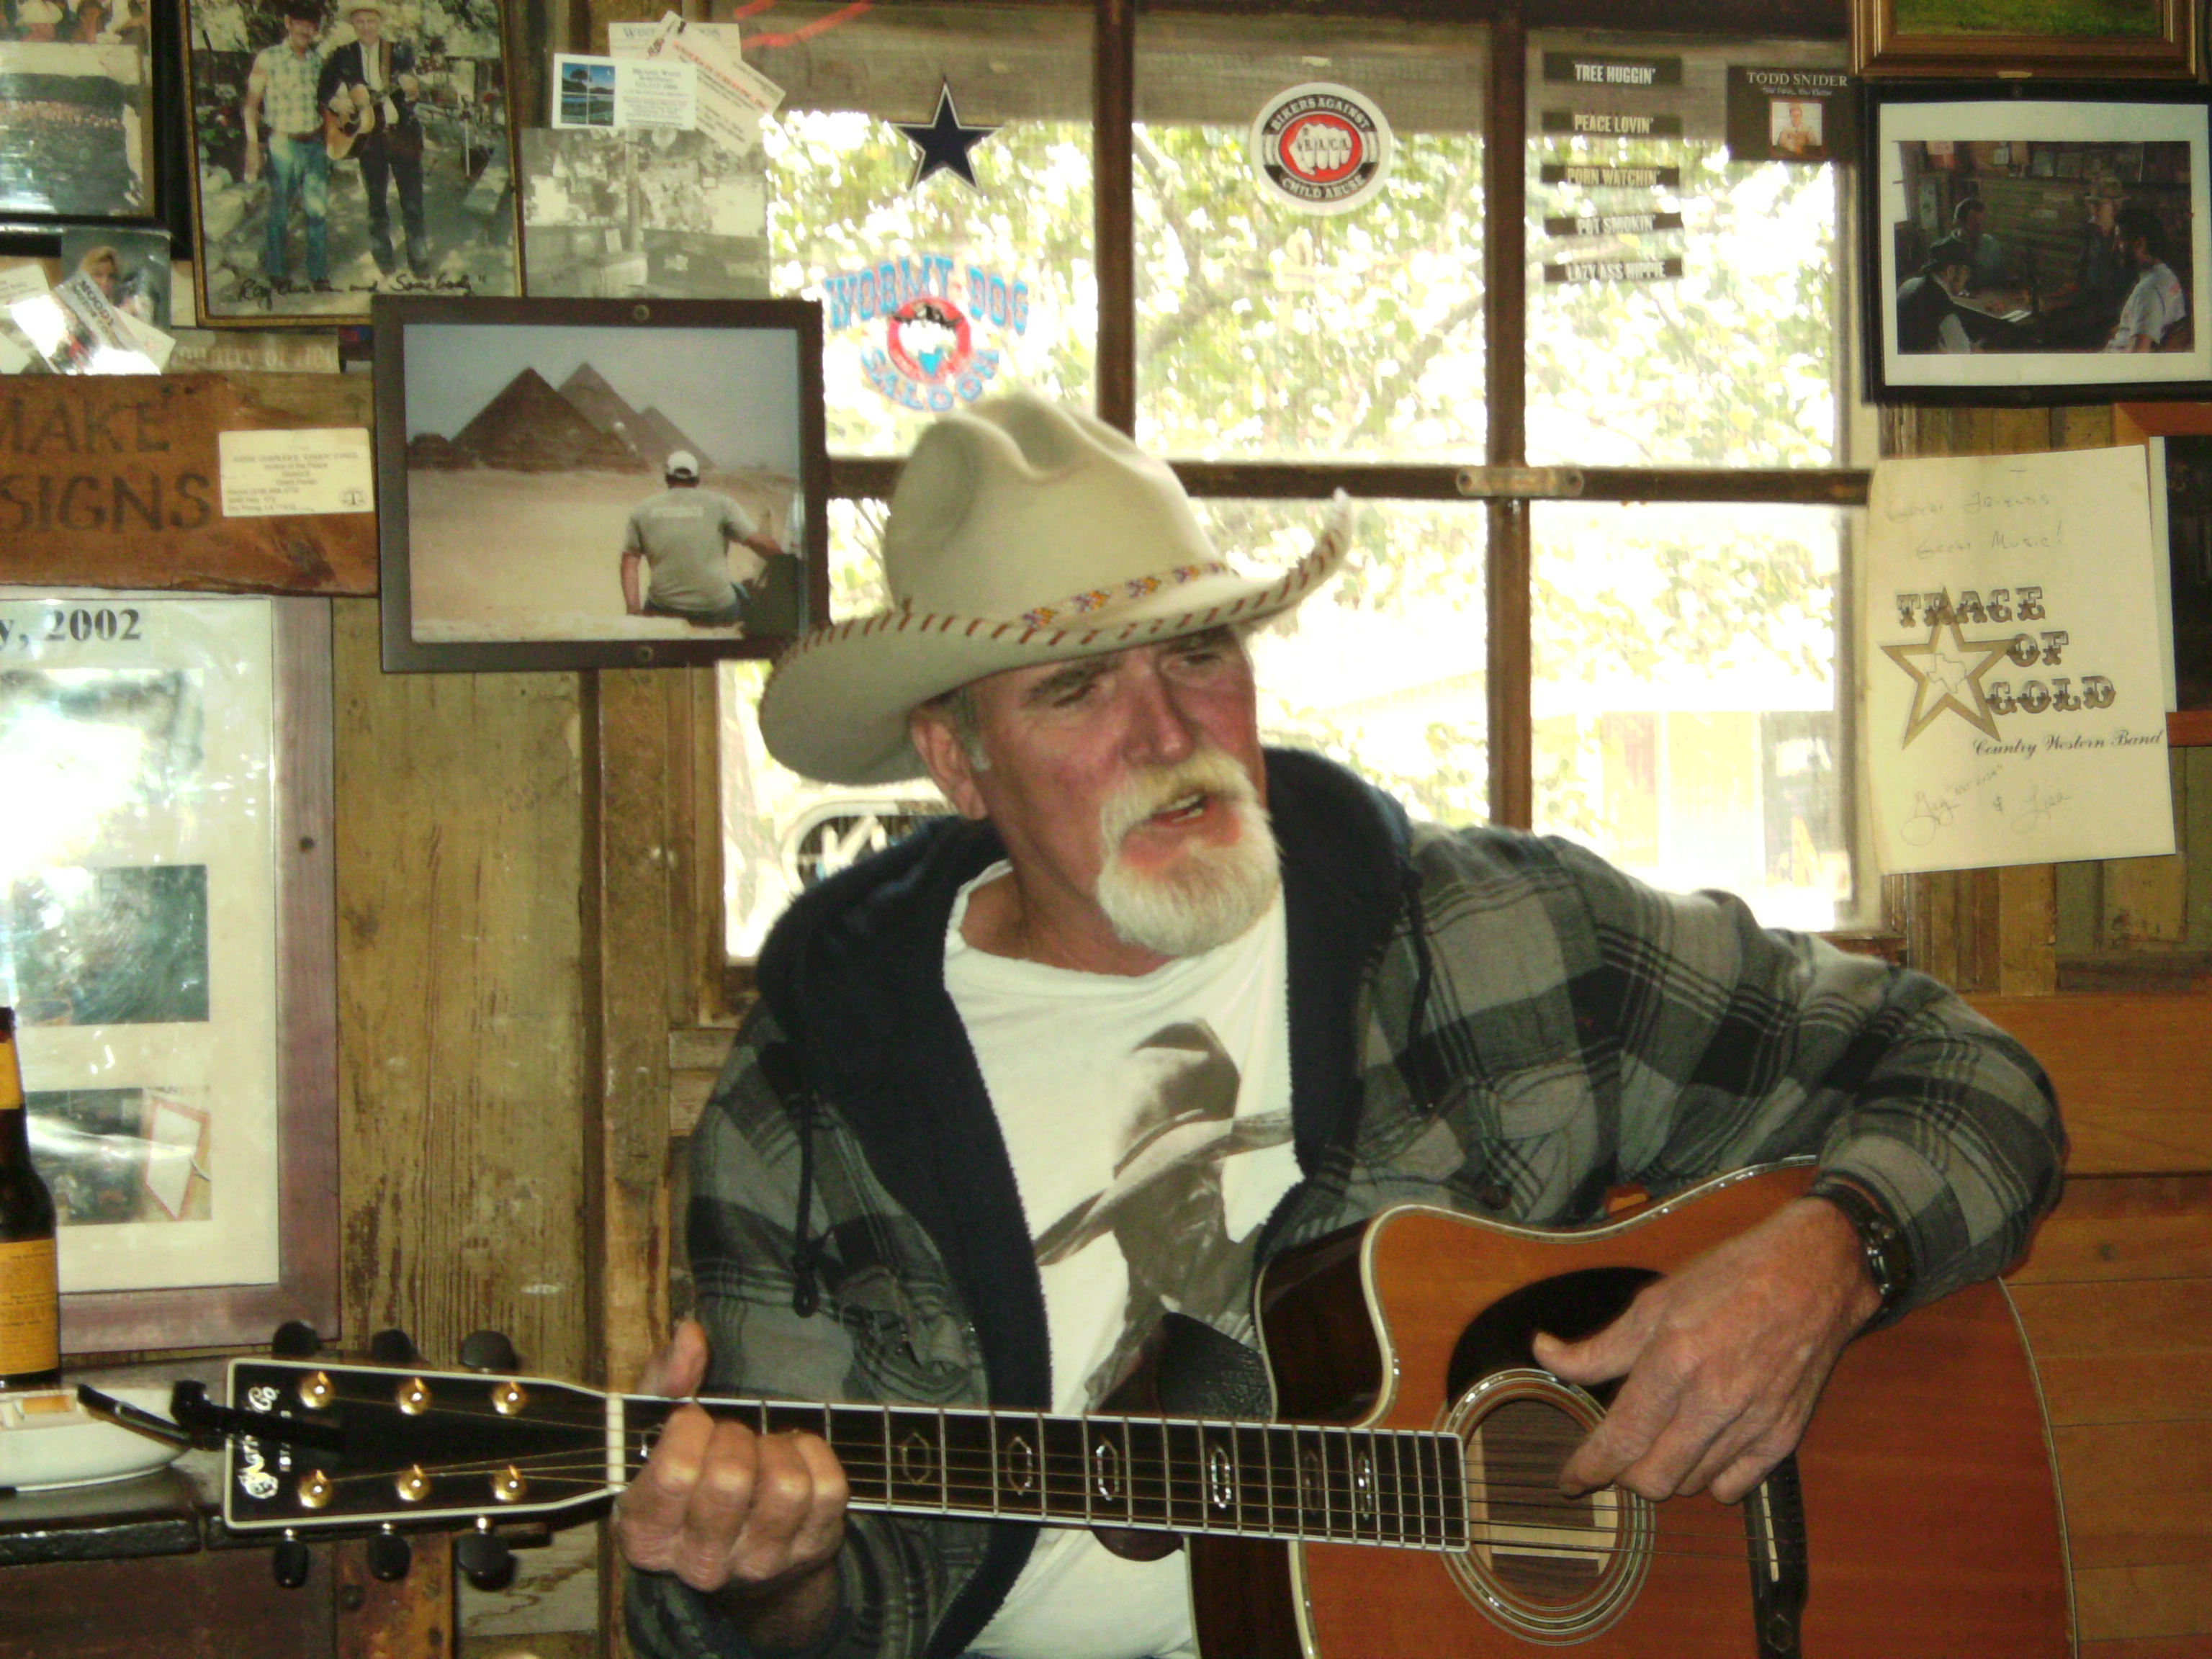 BILD0717 1 - Country Music in den USA: Die Outlaw-Bewegung und The Highwaymen